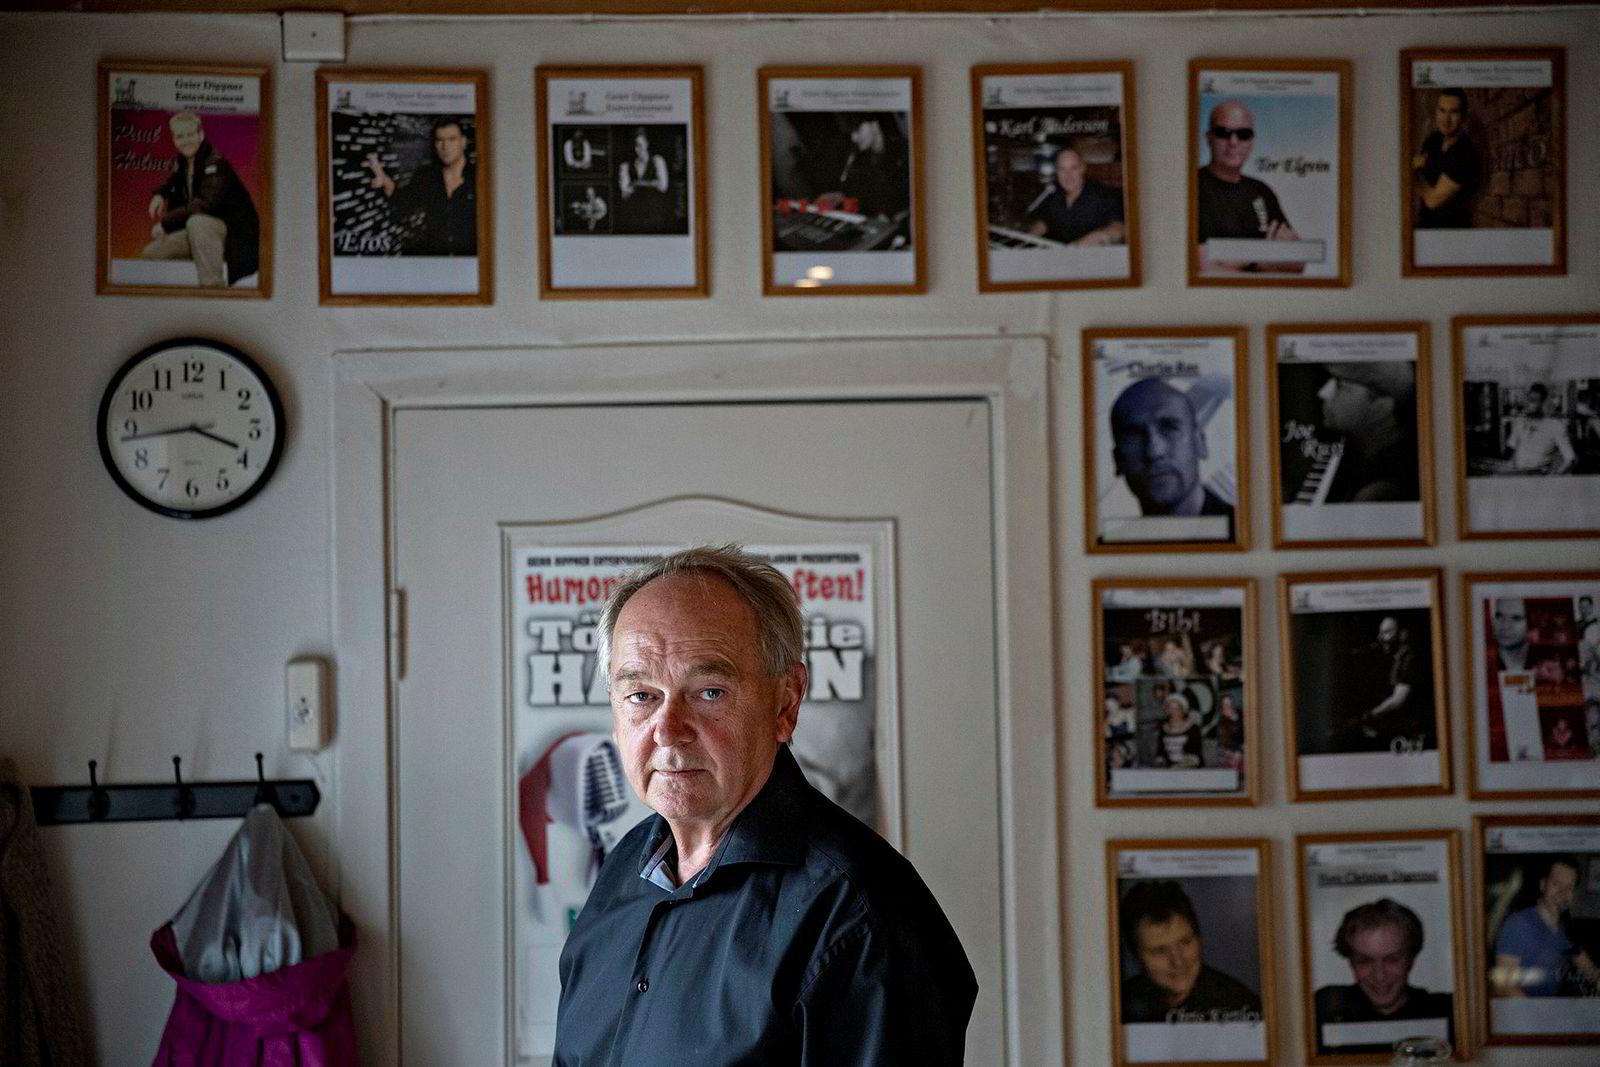 Geirr Dippner har 200 pianister i stallen. Nå selger han selskapet til den britiske pianoentertaineren Vanessa Higgins.